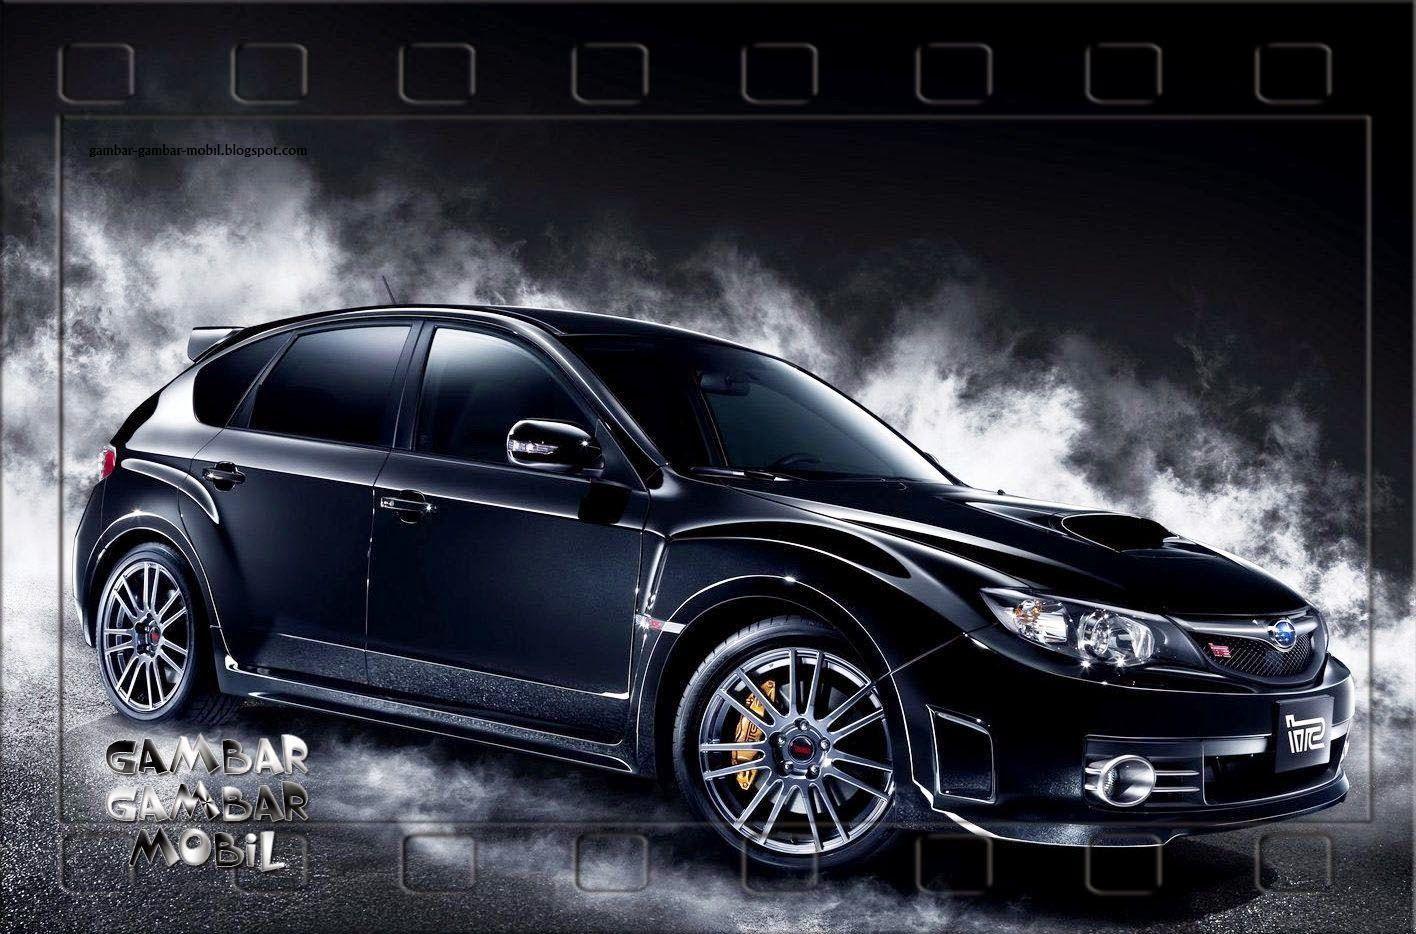 Gambar Mobil Fast And Furious Gambar Gambar Mobil Fast And Furious Mobil Balap Mobil